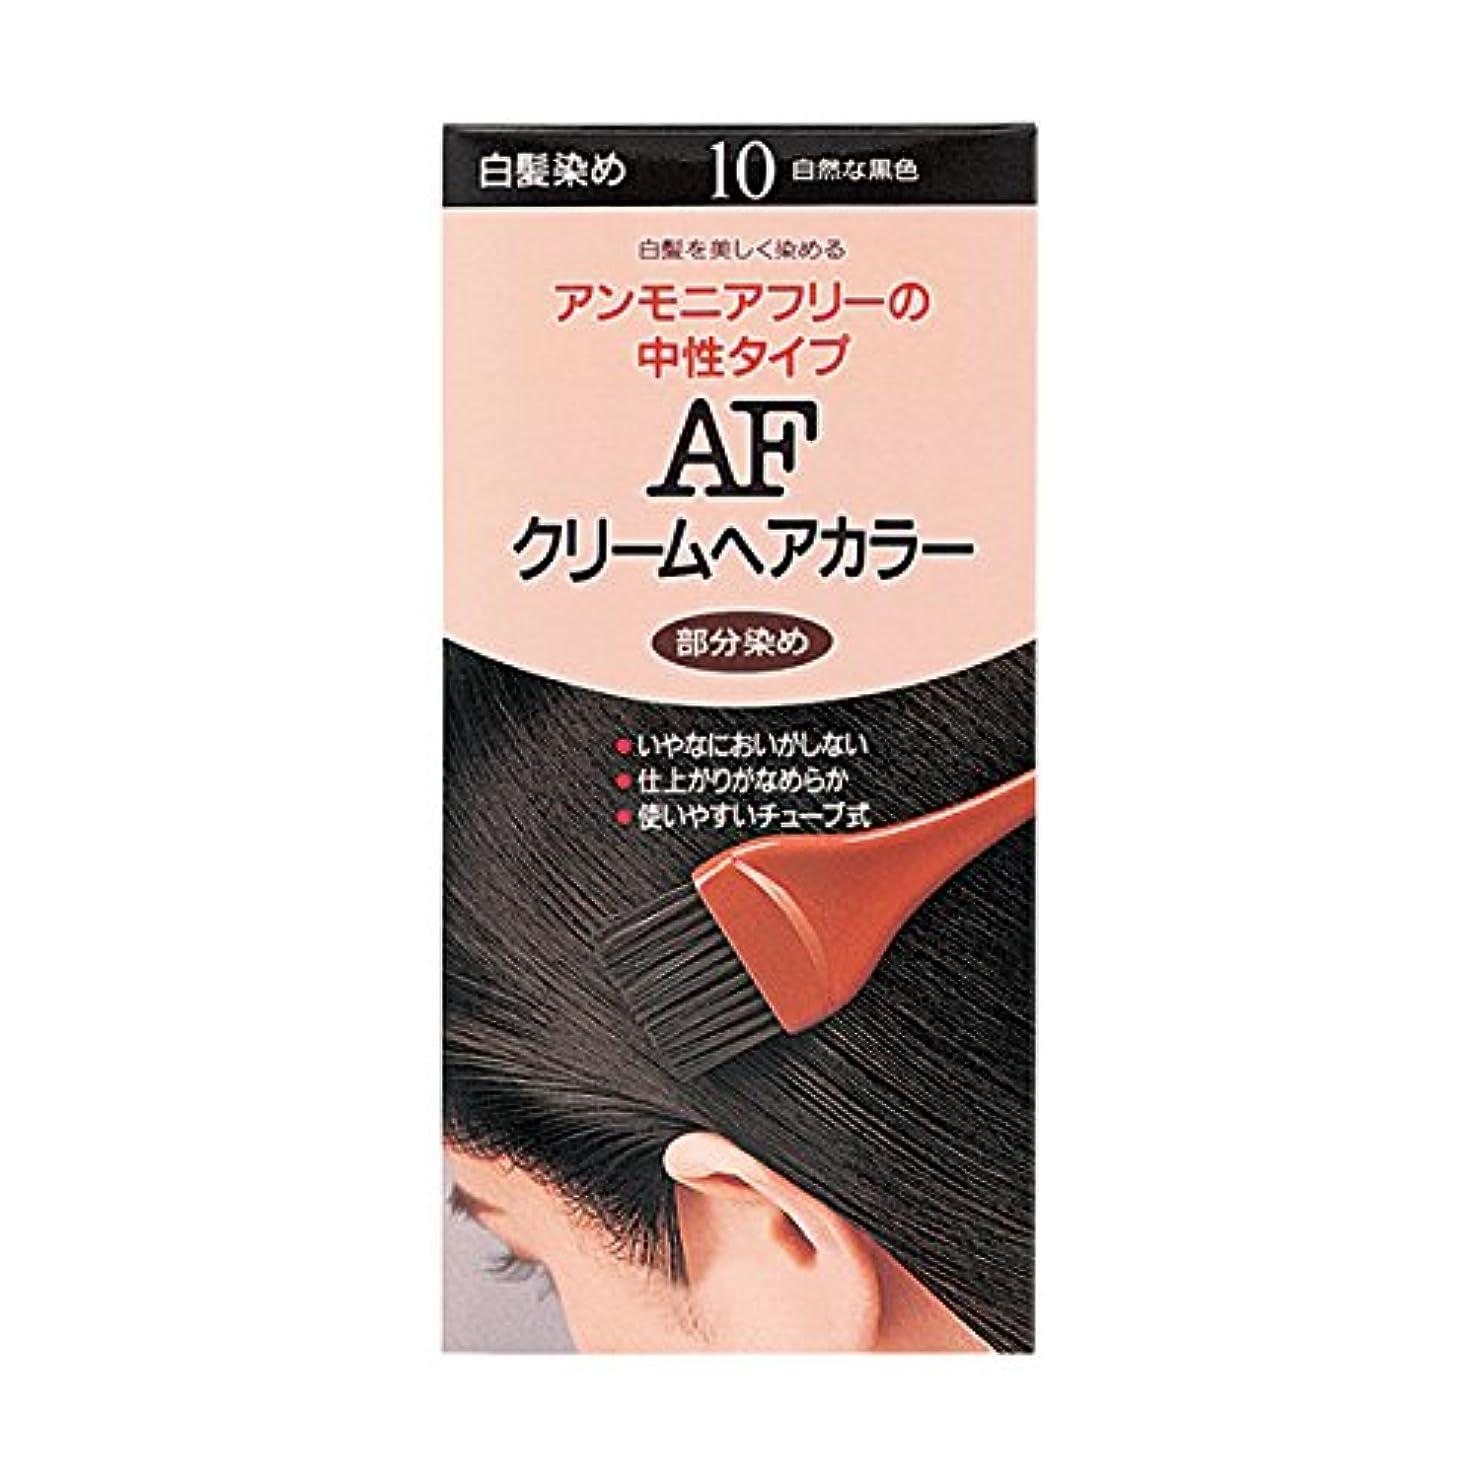 花資格形容詞ヘアカラー AFクリームヘアカラー 10 【医薬部外品】